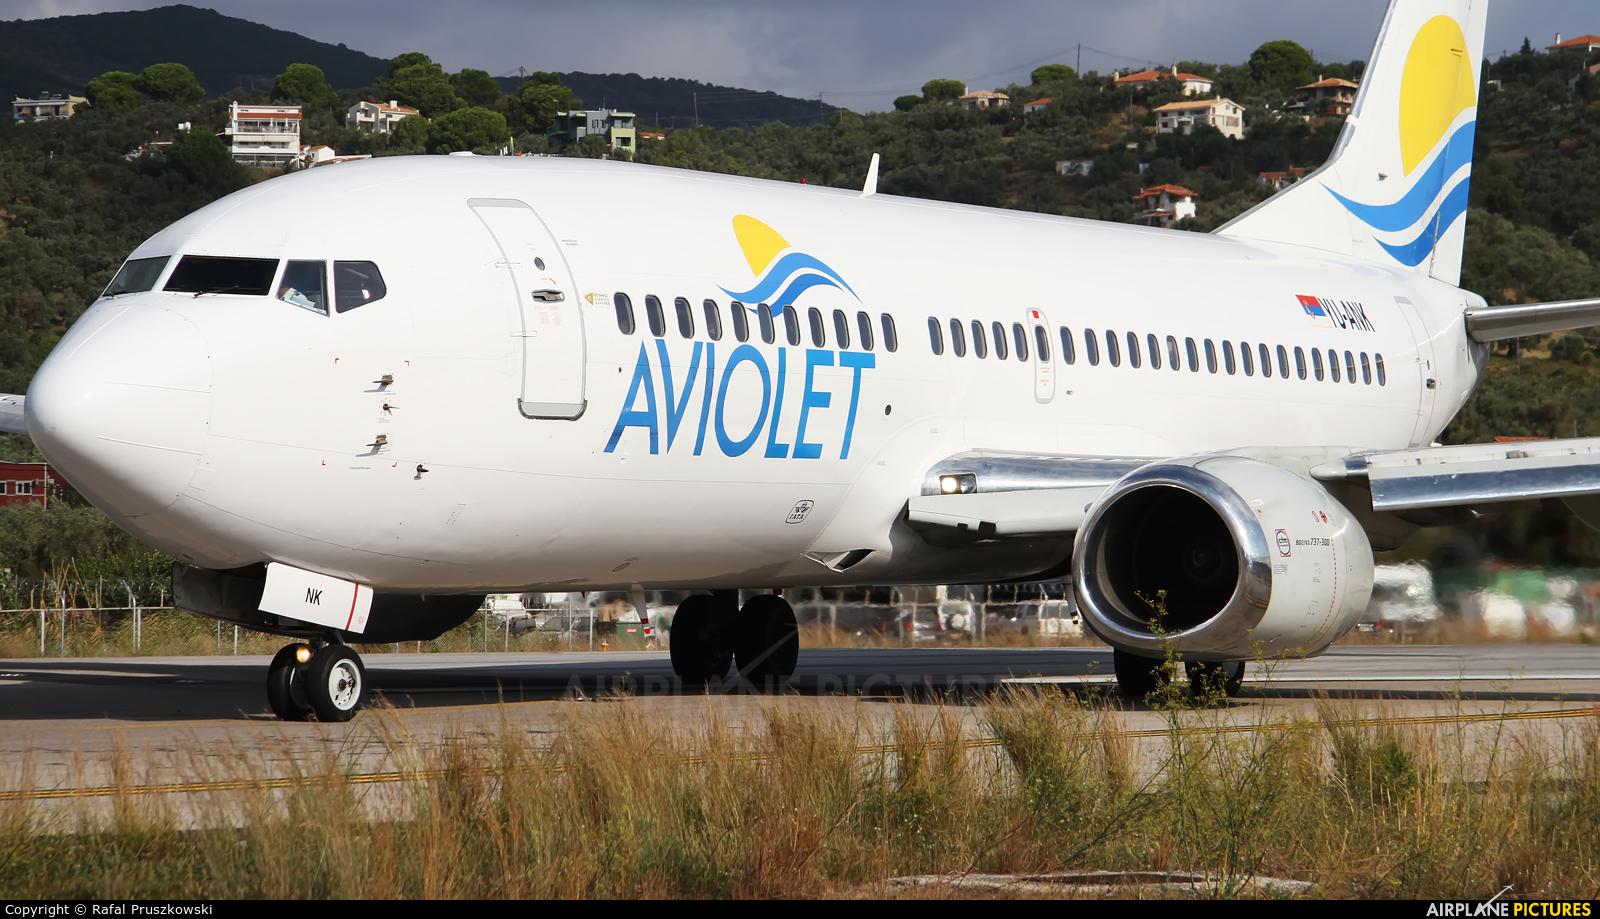 Aviolet YU-ANK aircraft at Skiathos